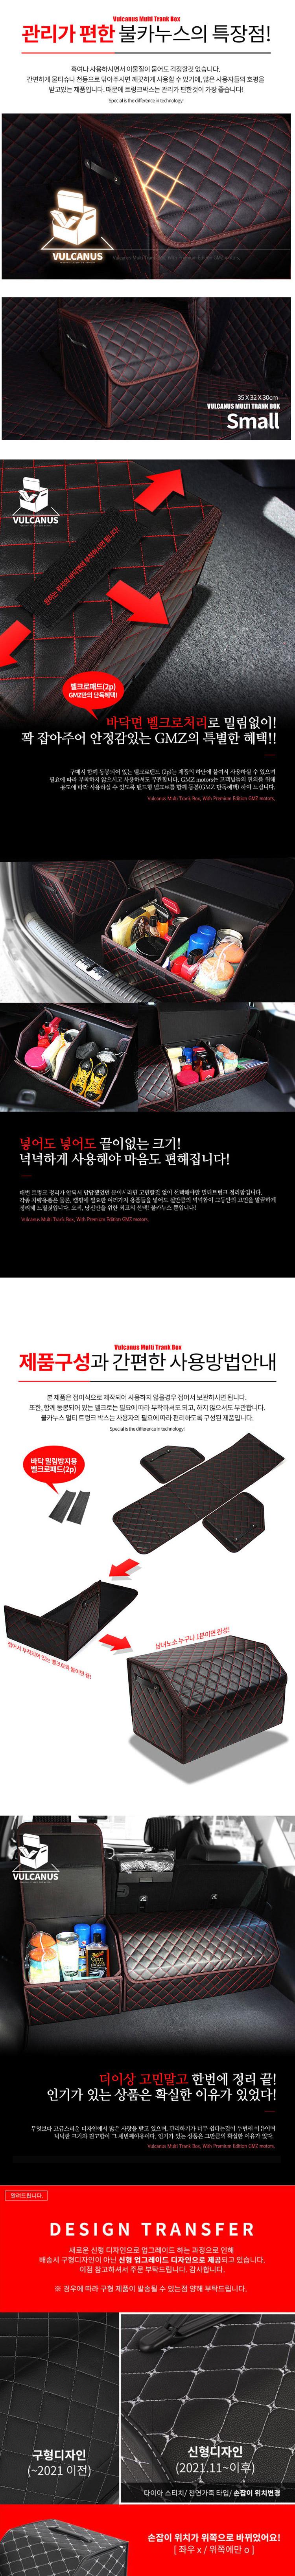 트렁크가방,차량정리함,세차용품정리함,트렁크정리,트렁크박스